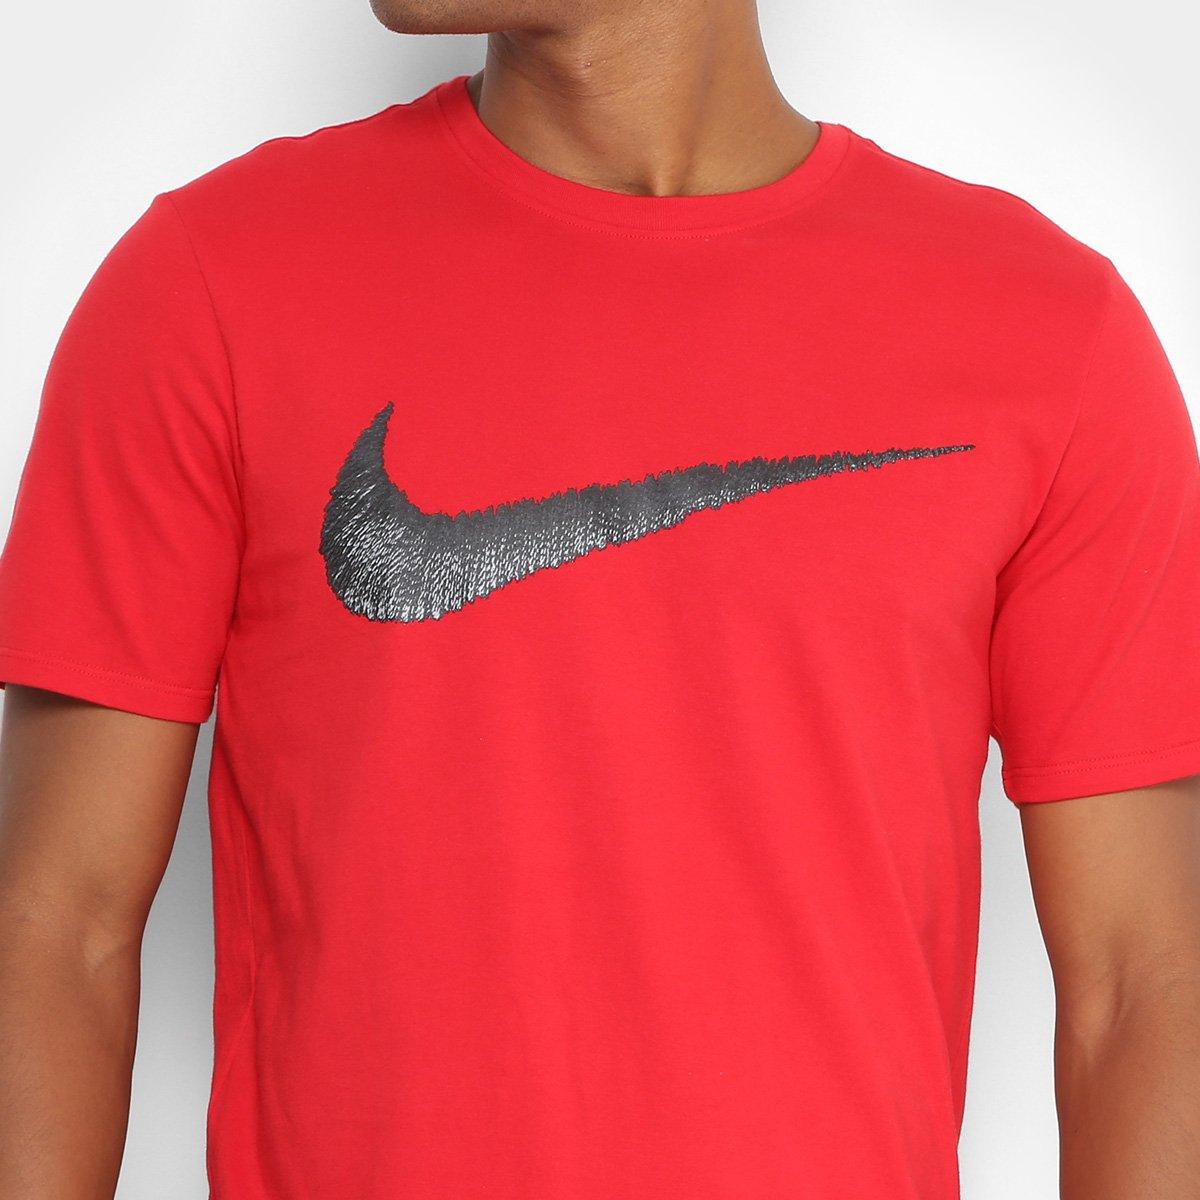 Camiseta Nike Nsw Tee Hangtag Swoosh Masculina - Vermelho e Preto ... 11e3450d9ed54